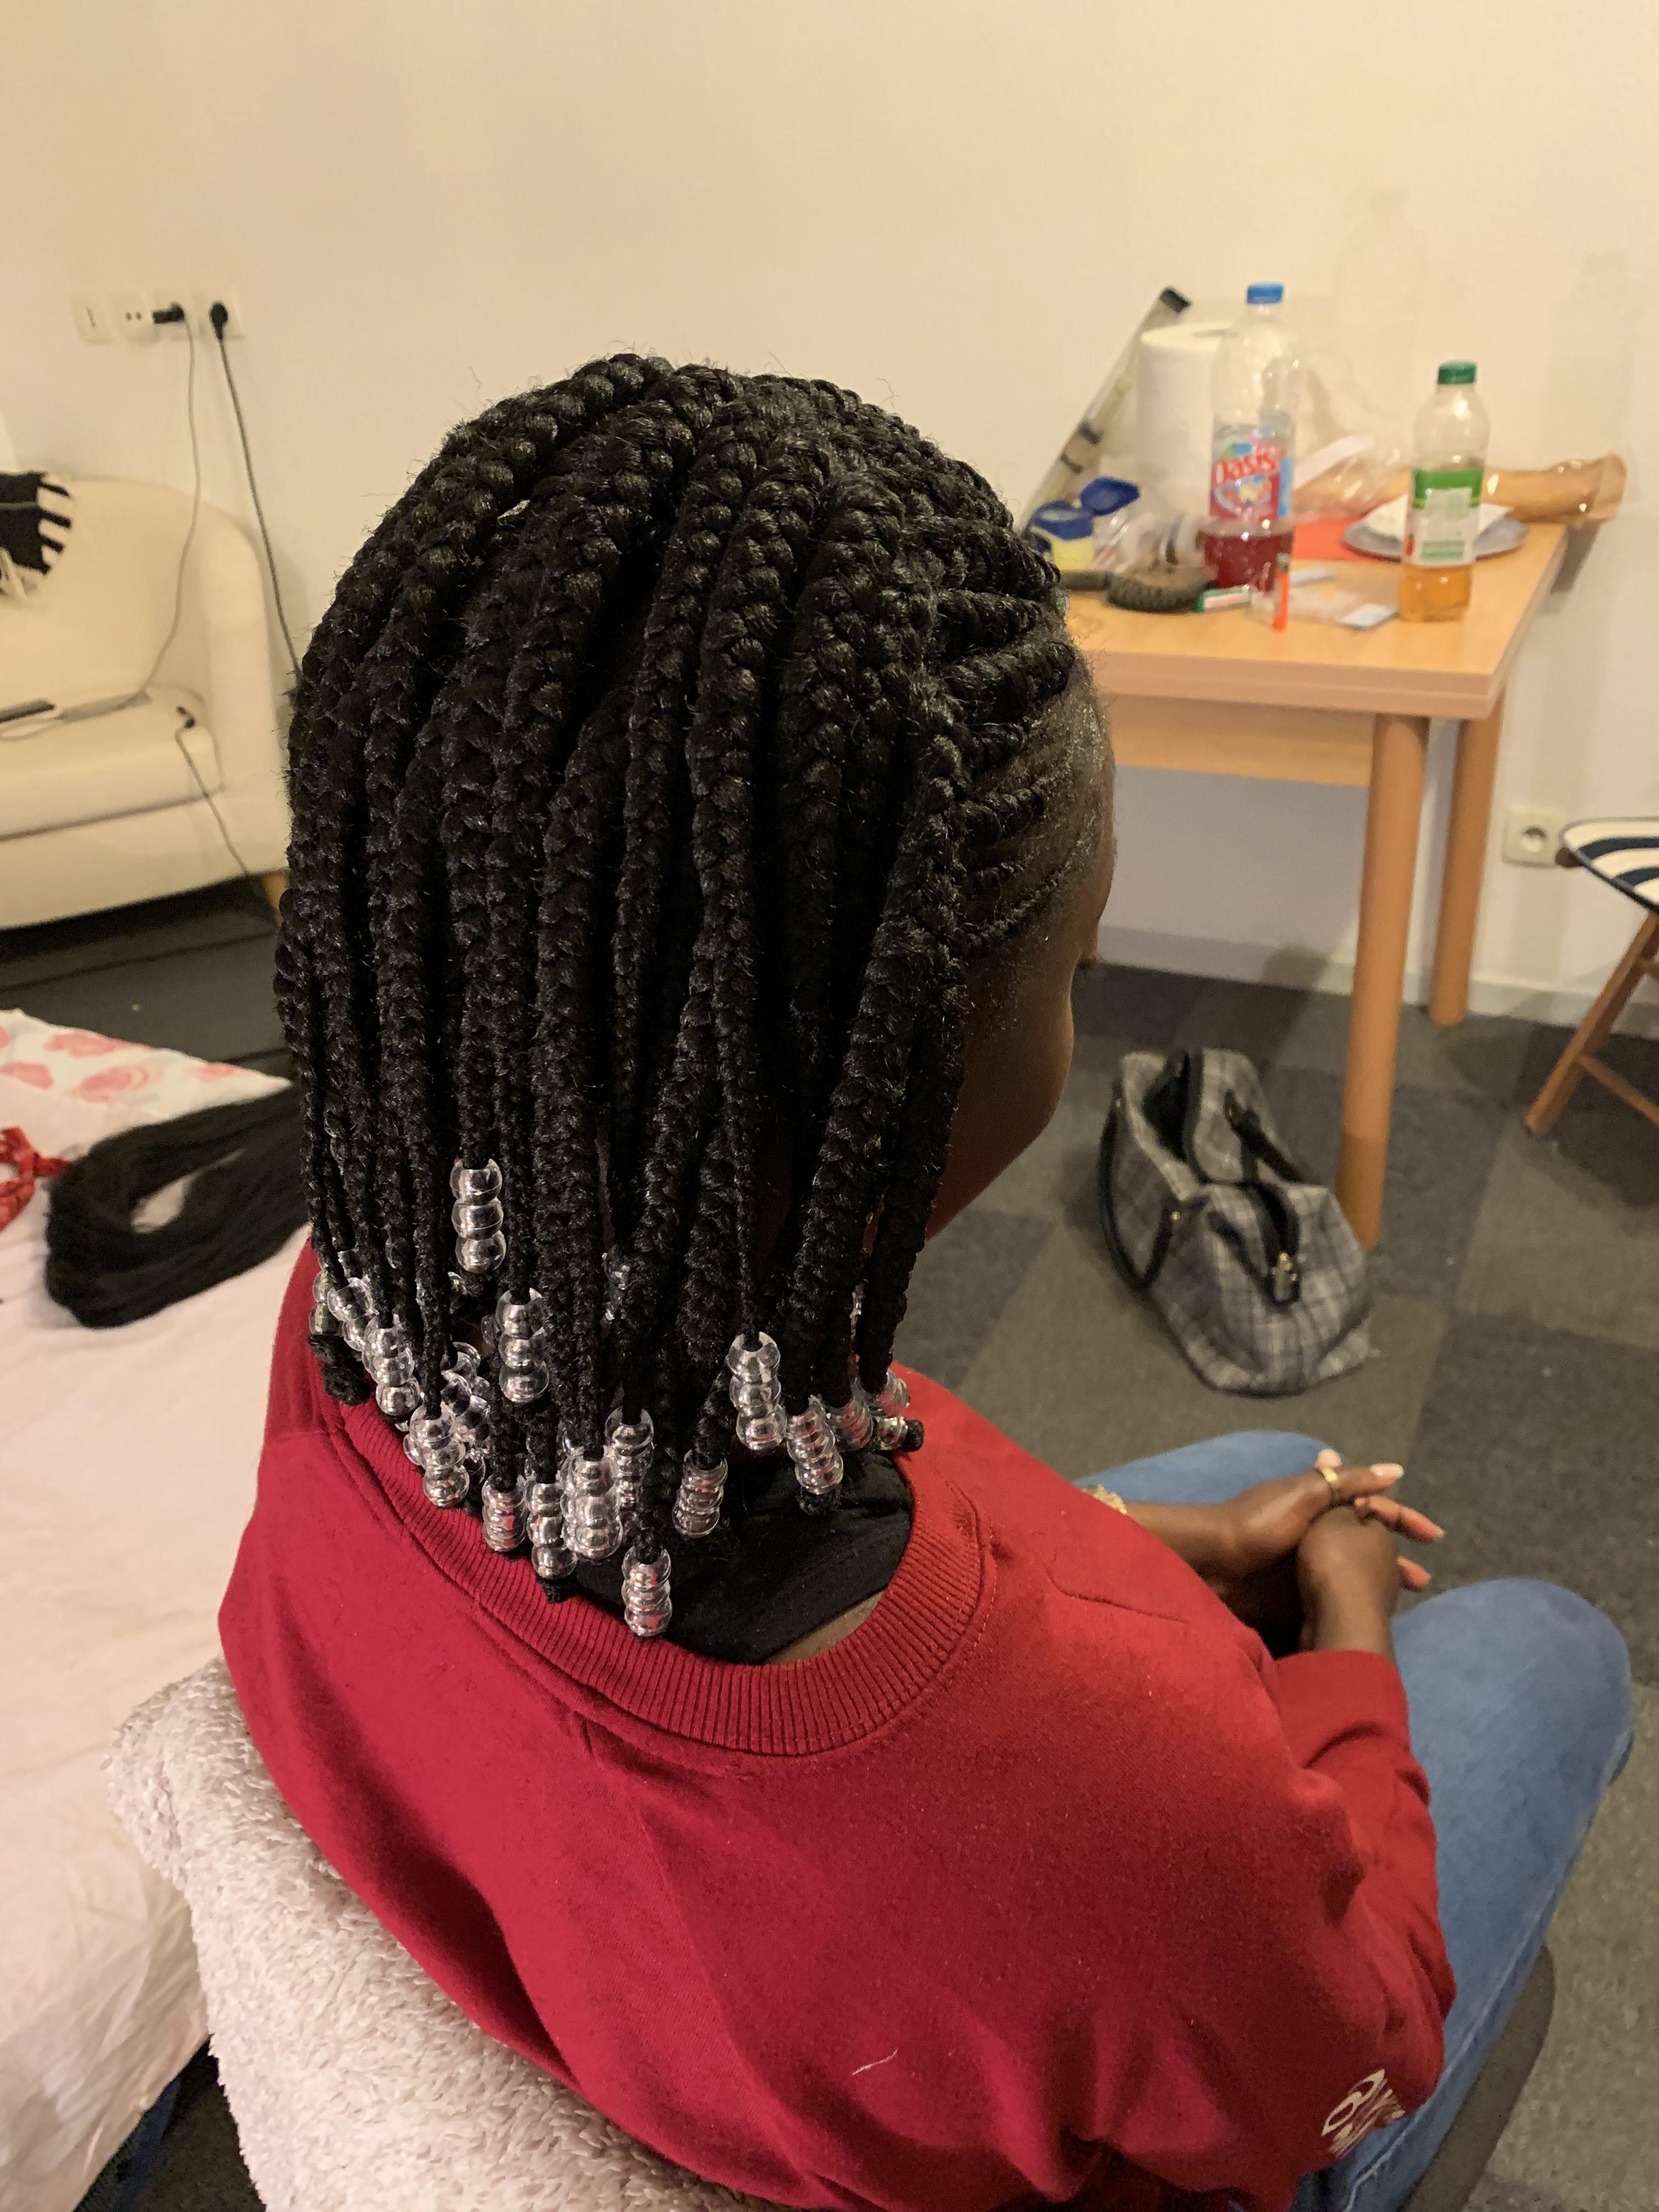 salon de coiffure afro tresse tresses box braids crochet braids vanilles tissages paris 75 77 78 91 92 93 94 95 CNHJFYTE